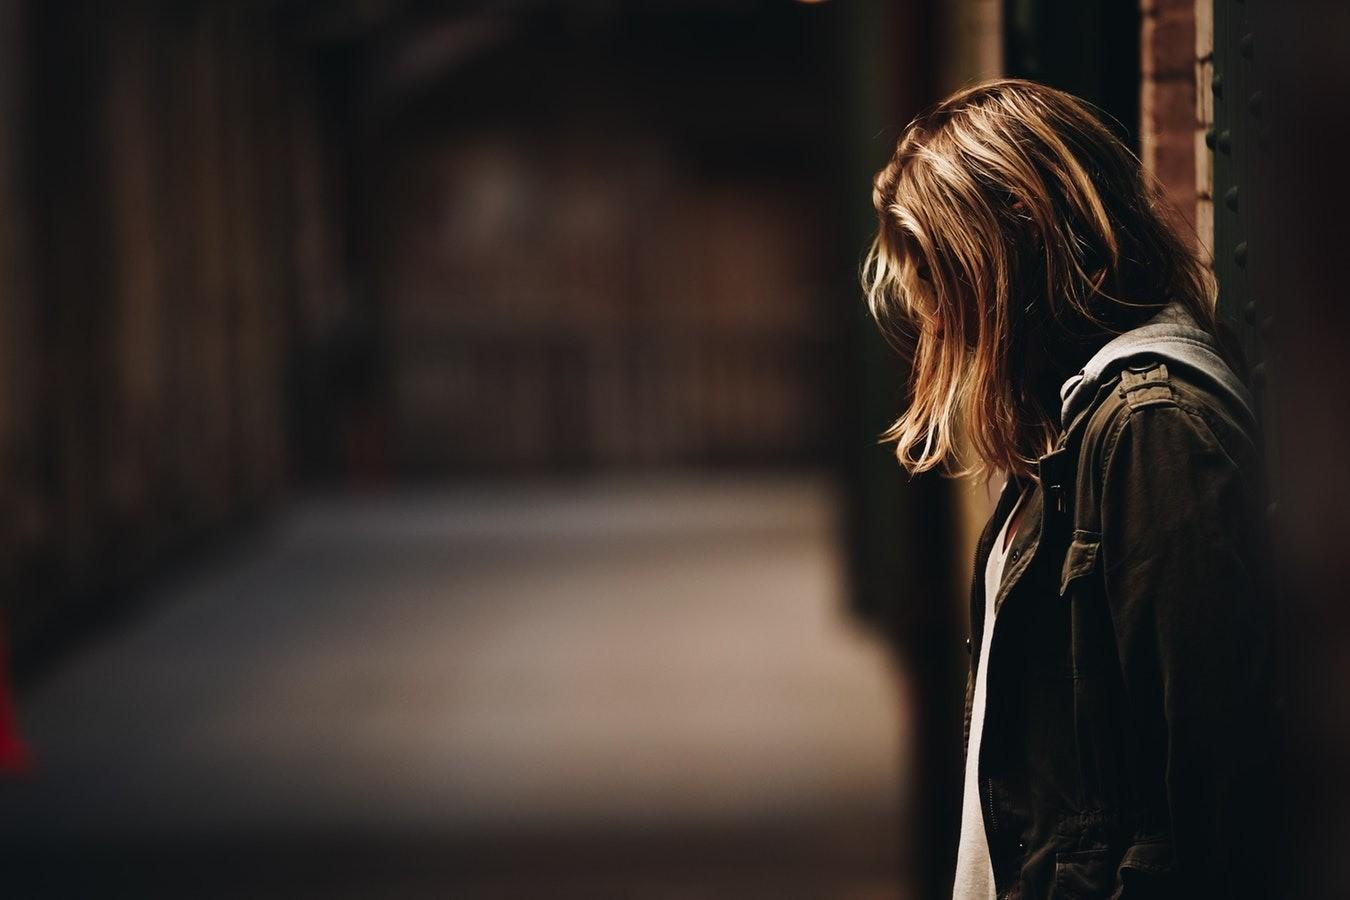 Топ-5 фильмов про анорексию, обязательных к просмотру подросткам и их родителям